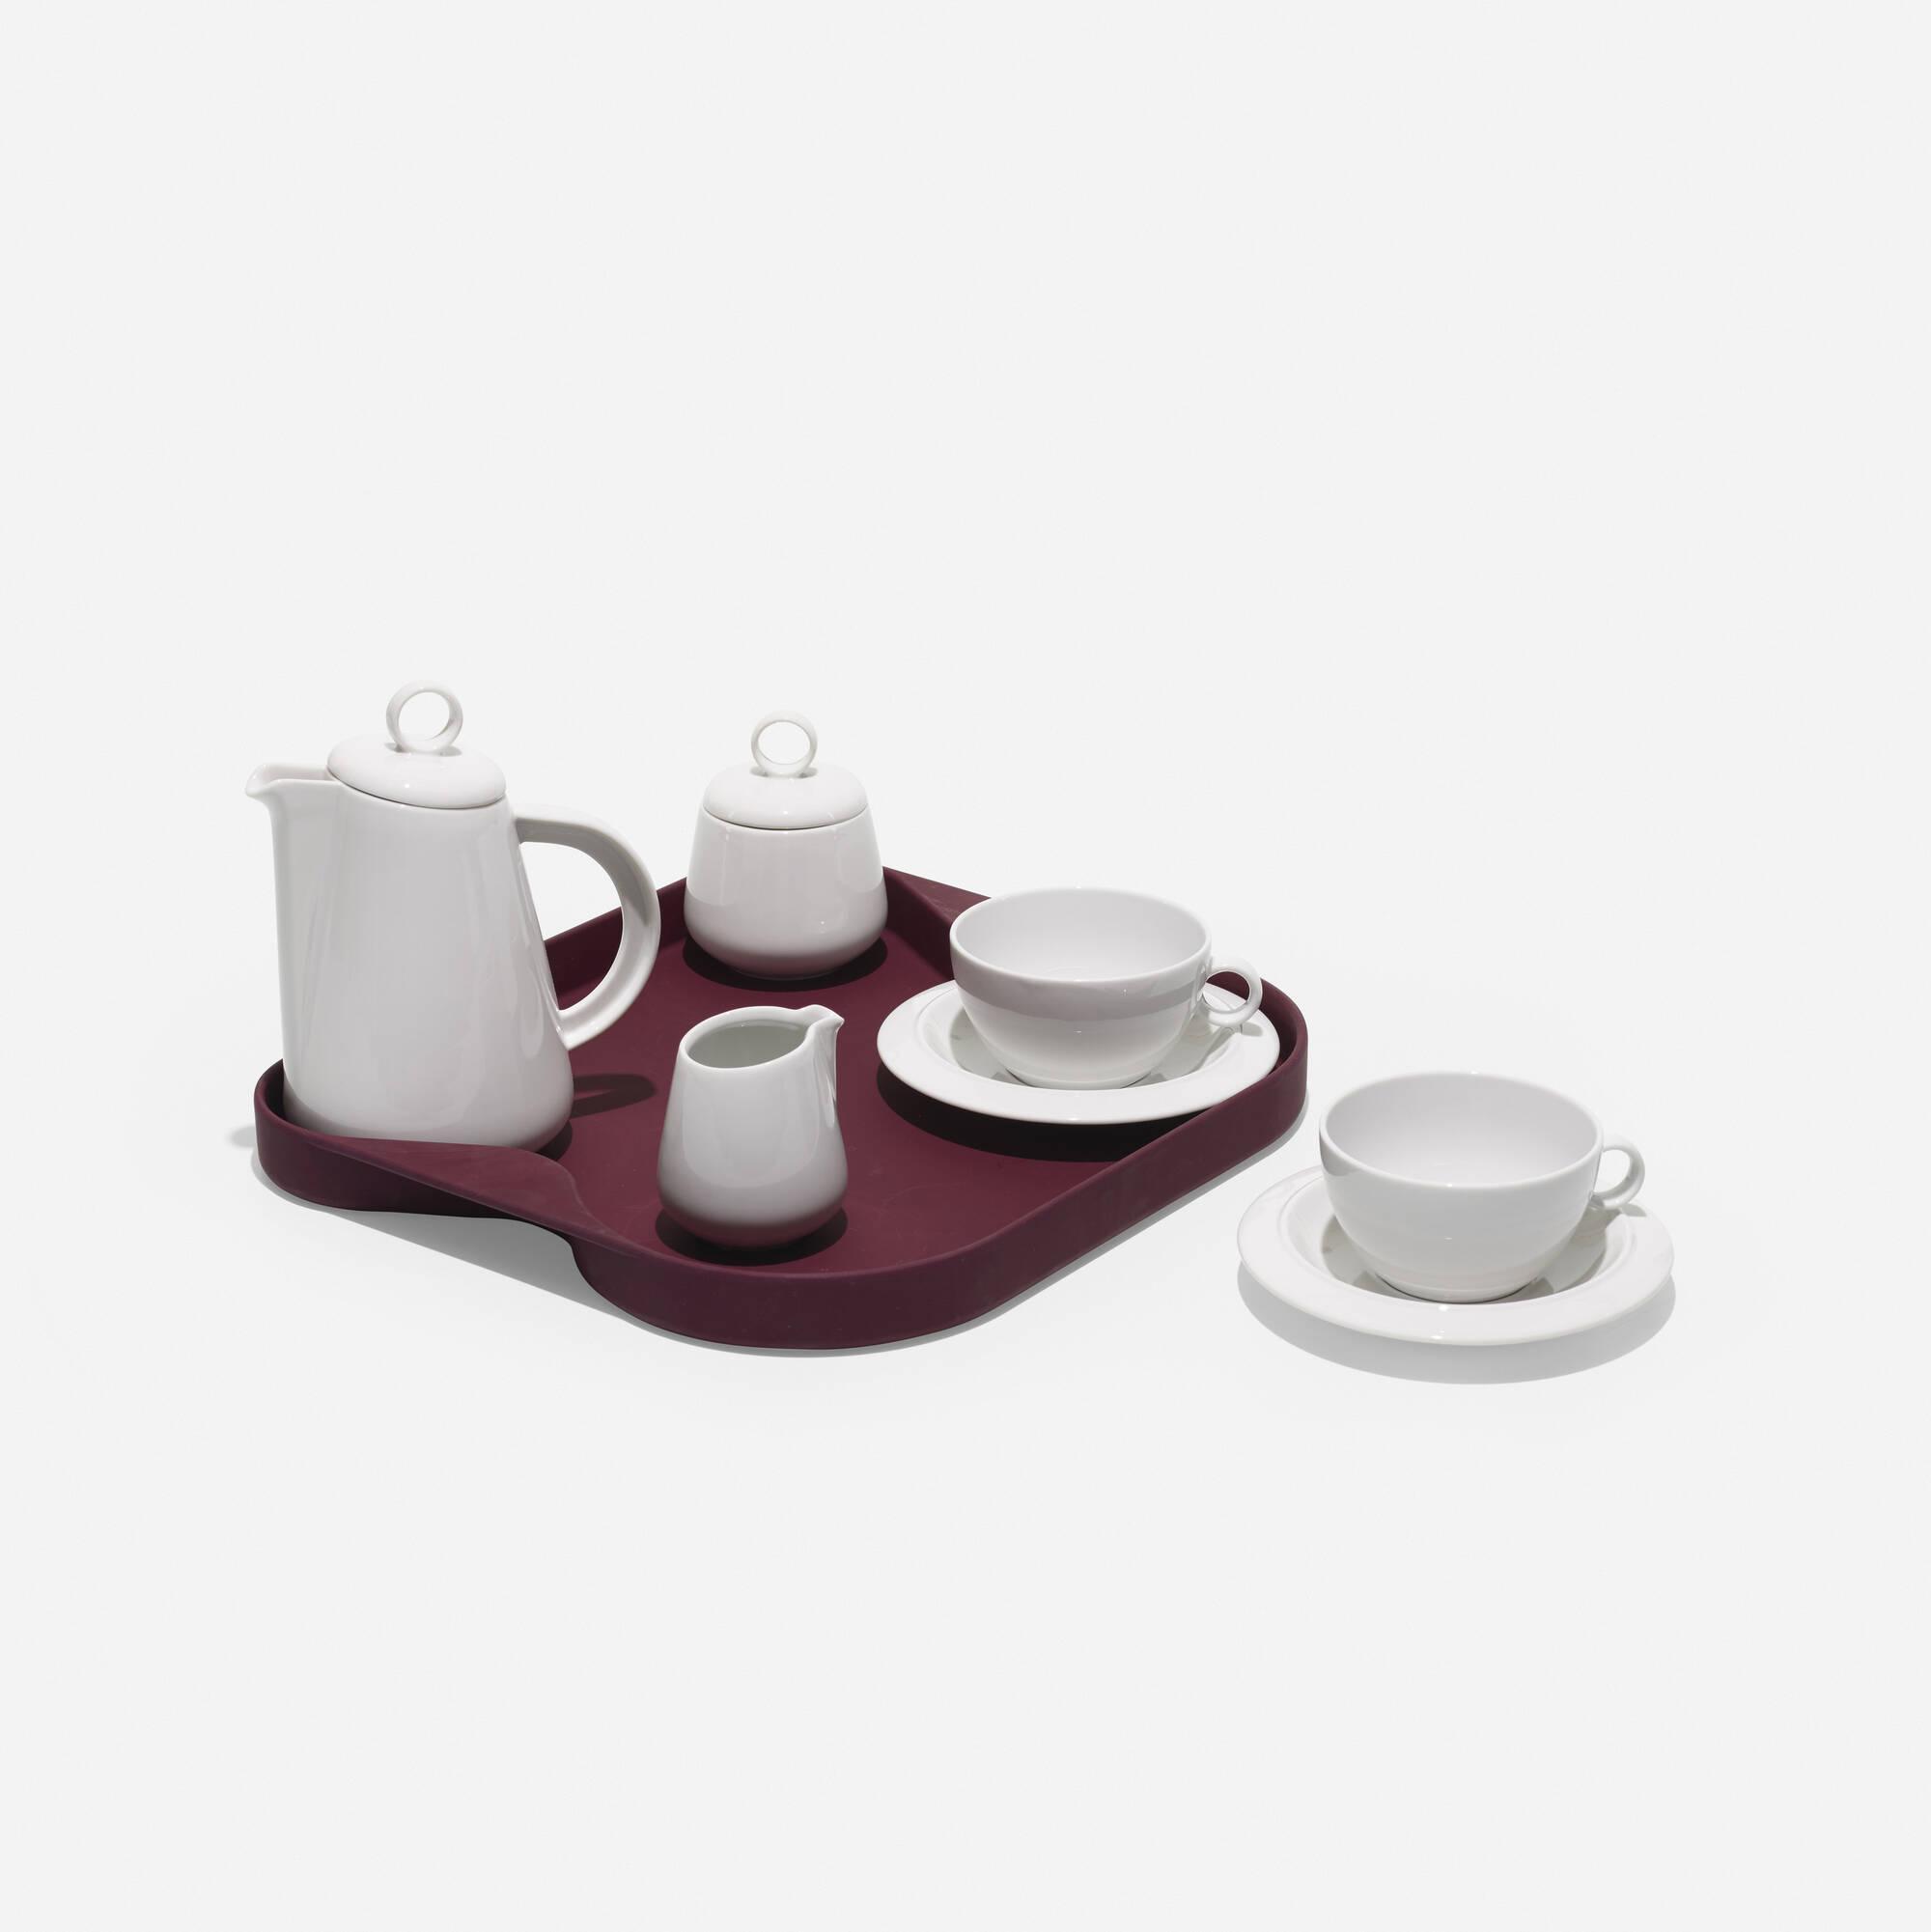 144: Achille Castiglioni / Tea for Two tea service (2 of 2)